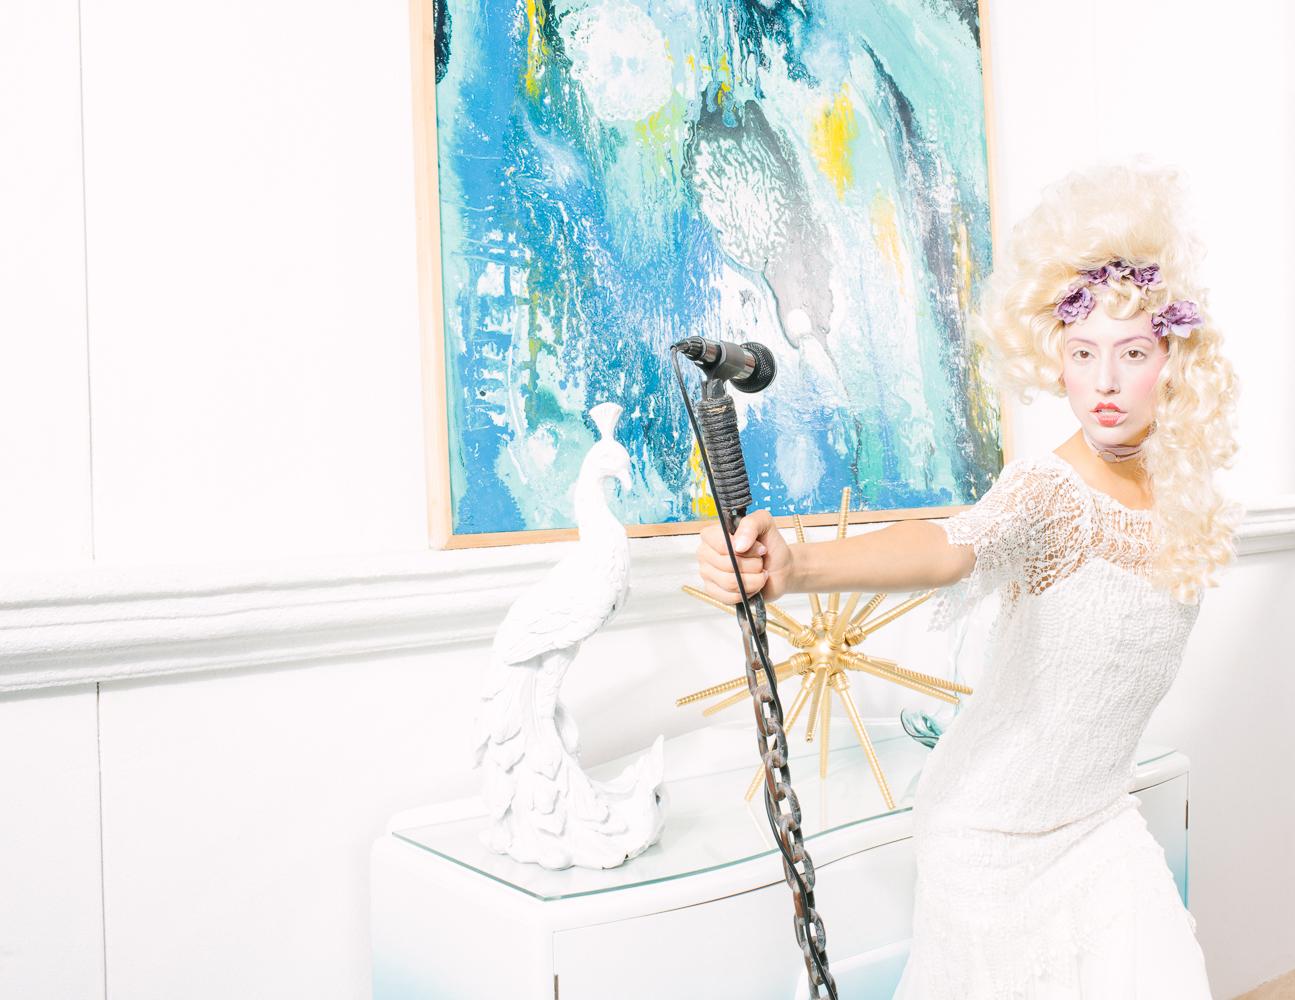 Model: Olivia Jordan Dress: Ivana Krejci Jewelry: Eliza Page